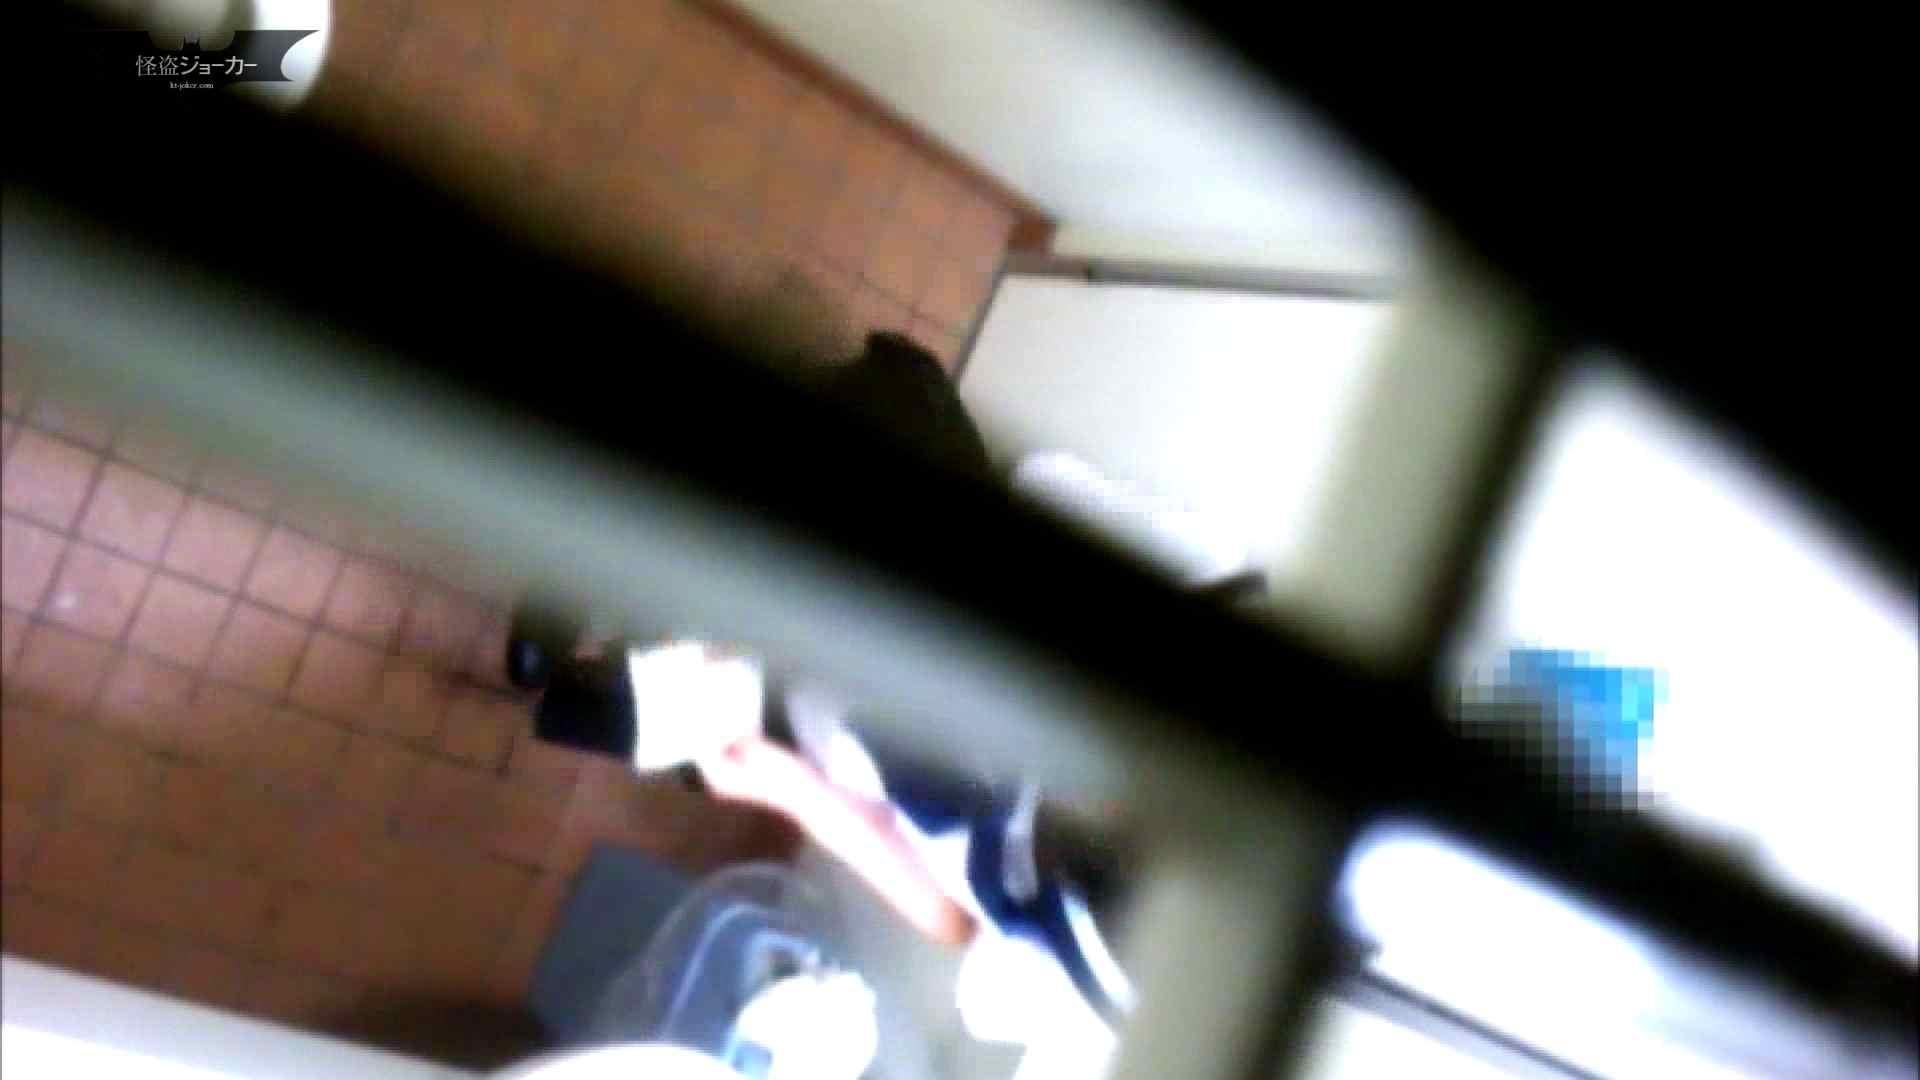 店長代理の盗撮録 Vol.02 制服ばかりをあつめてみました。その2 OLのボディ | 盗撮  49PIX 45